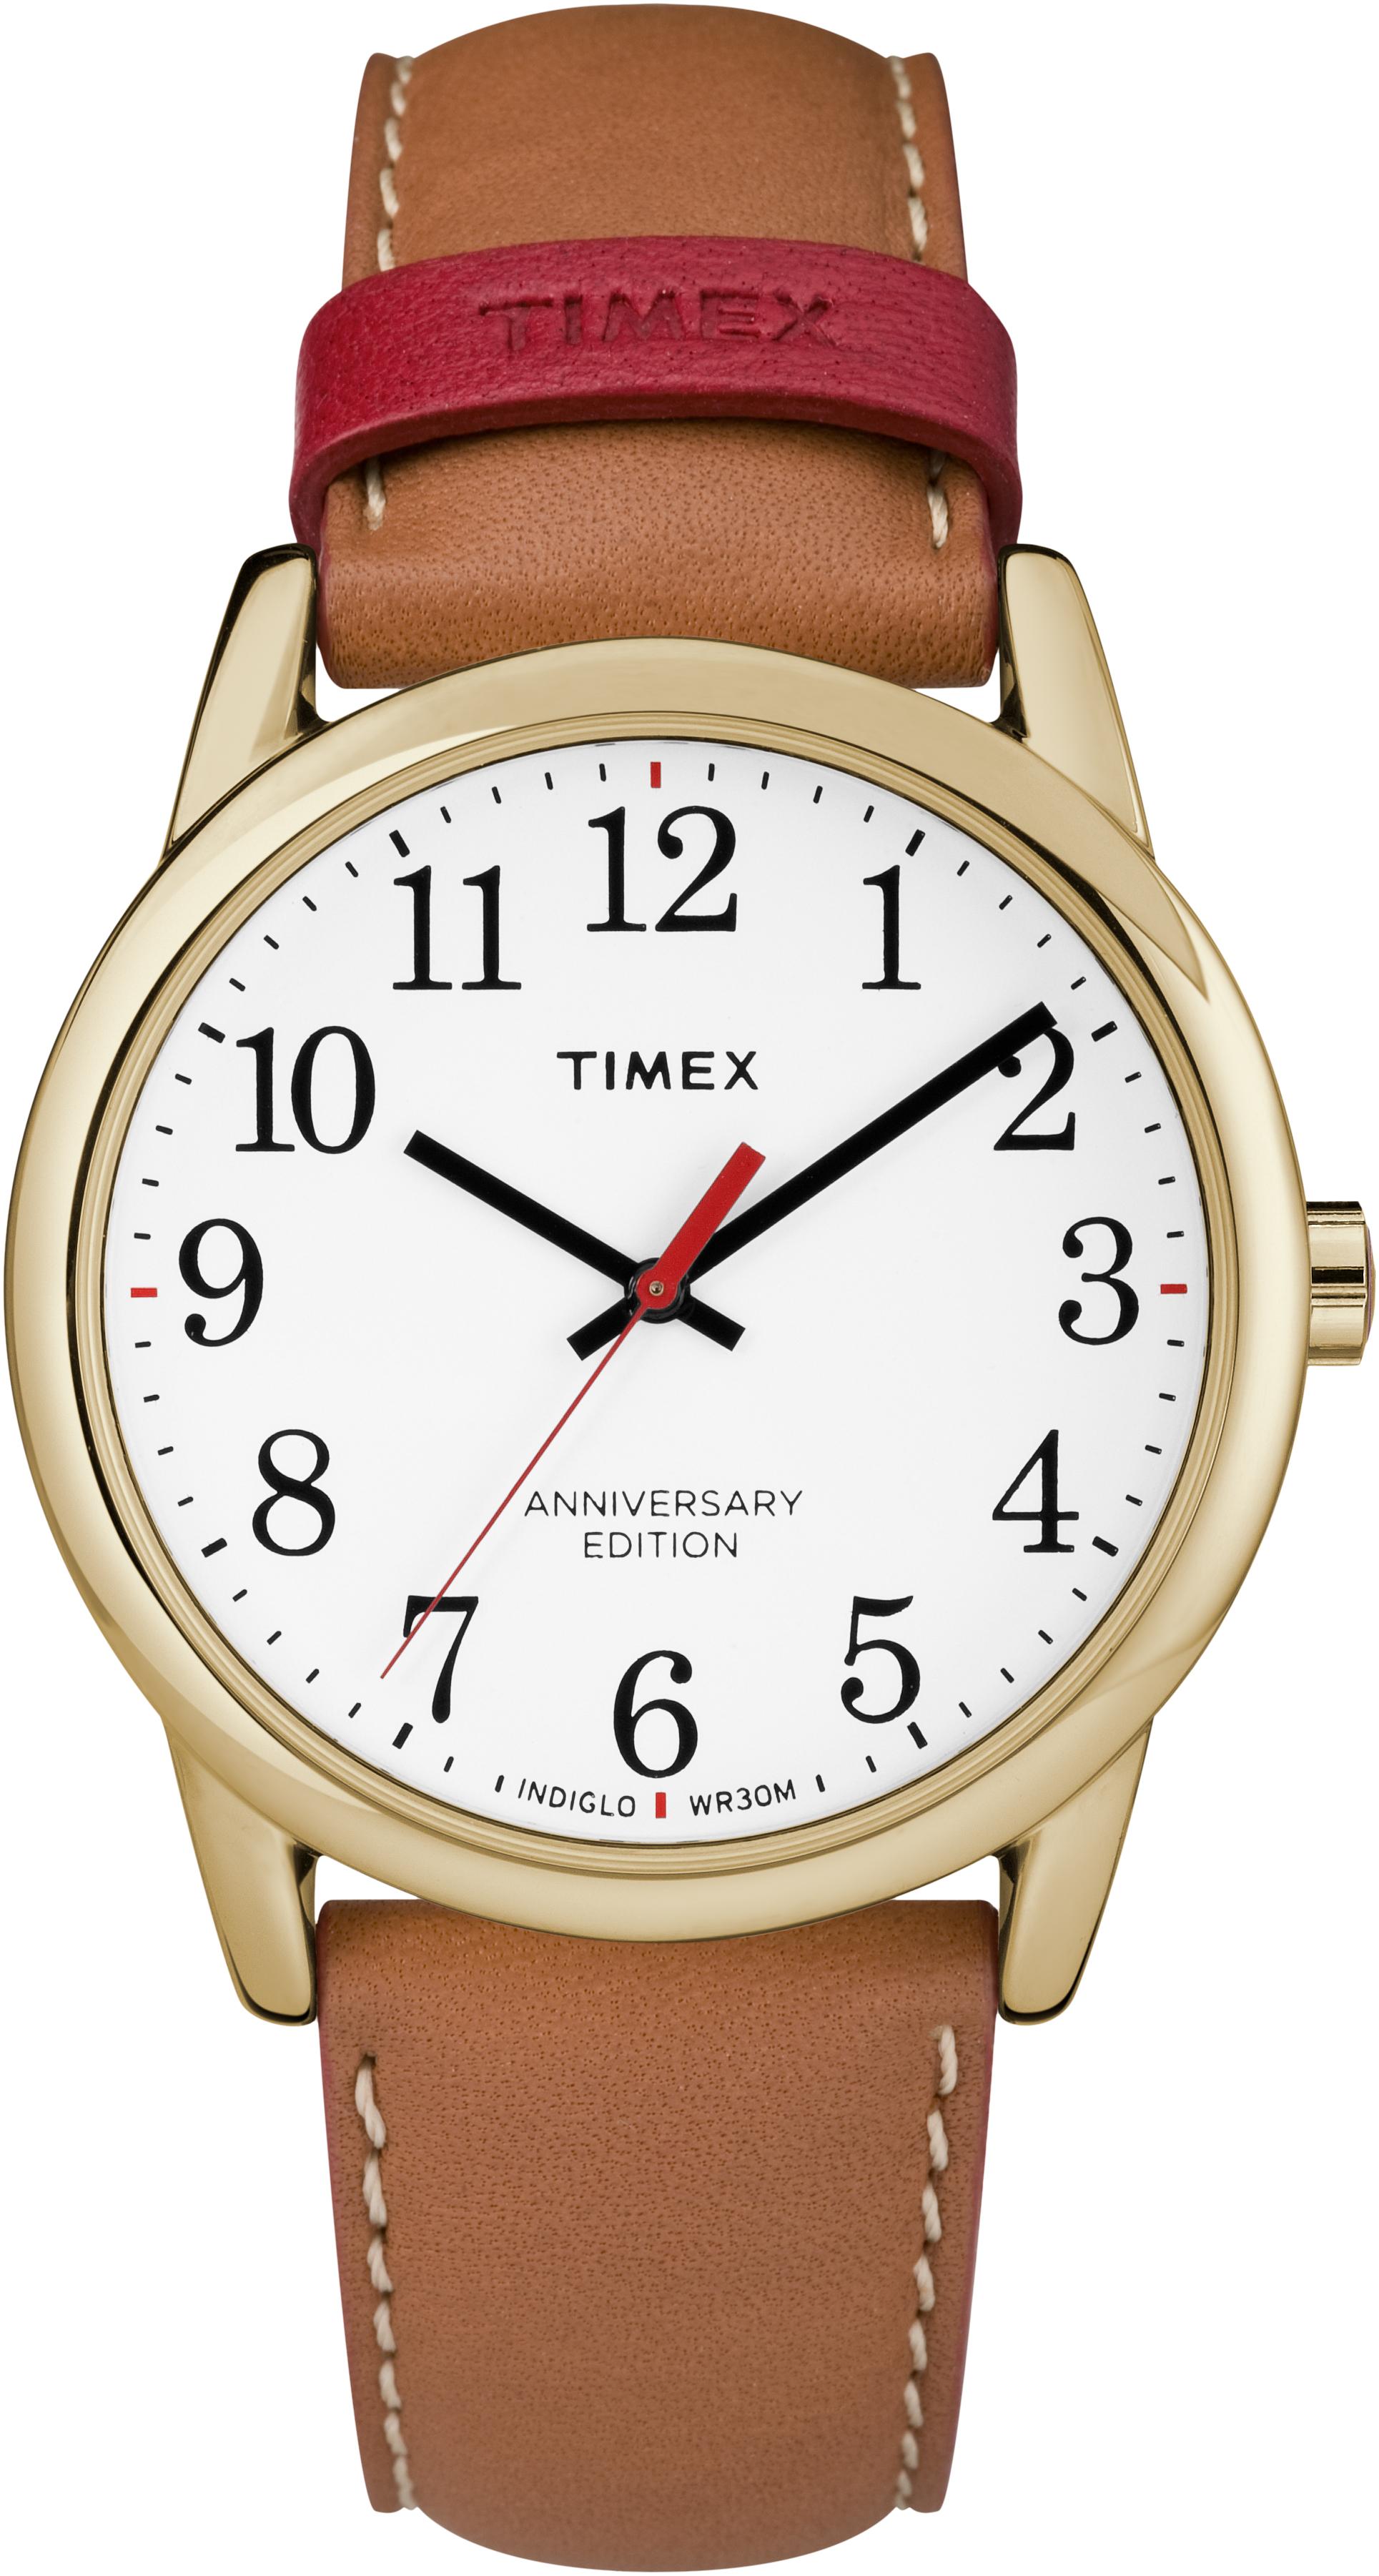 Montre Timex 40e anniversaire pour hommes - Cadran blanc & Bracelet en cuir brun